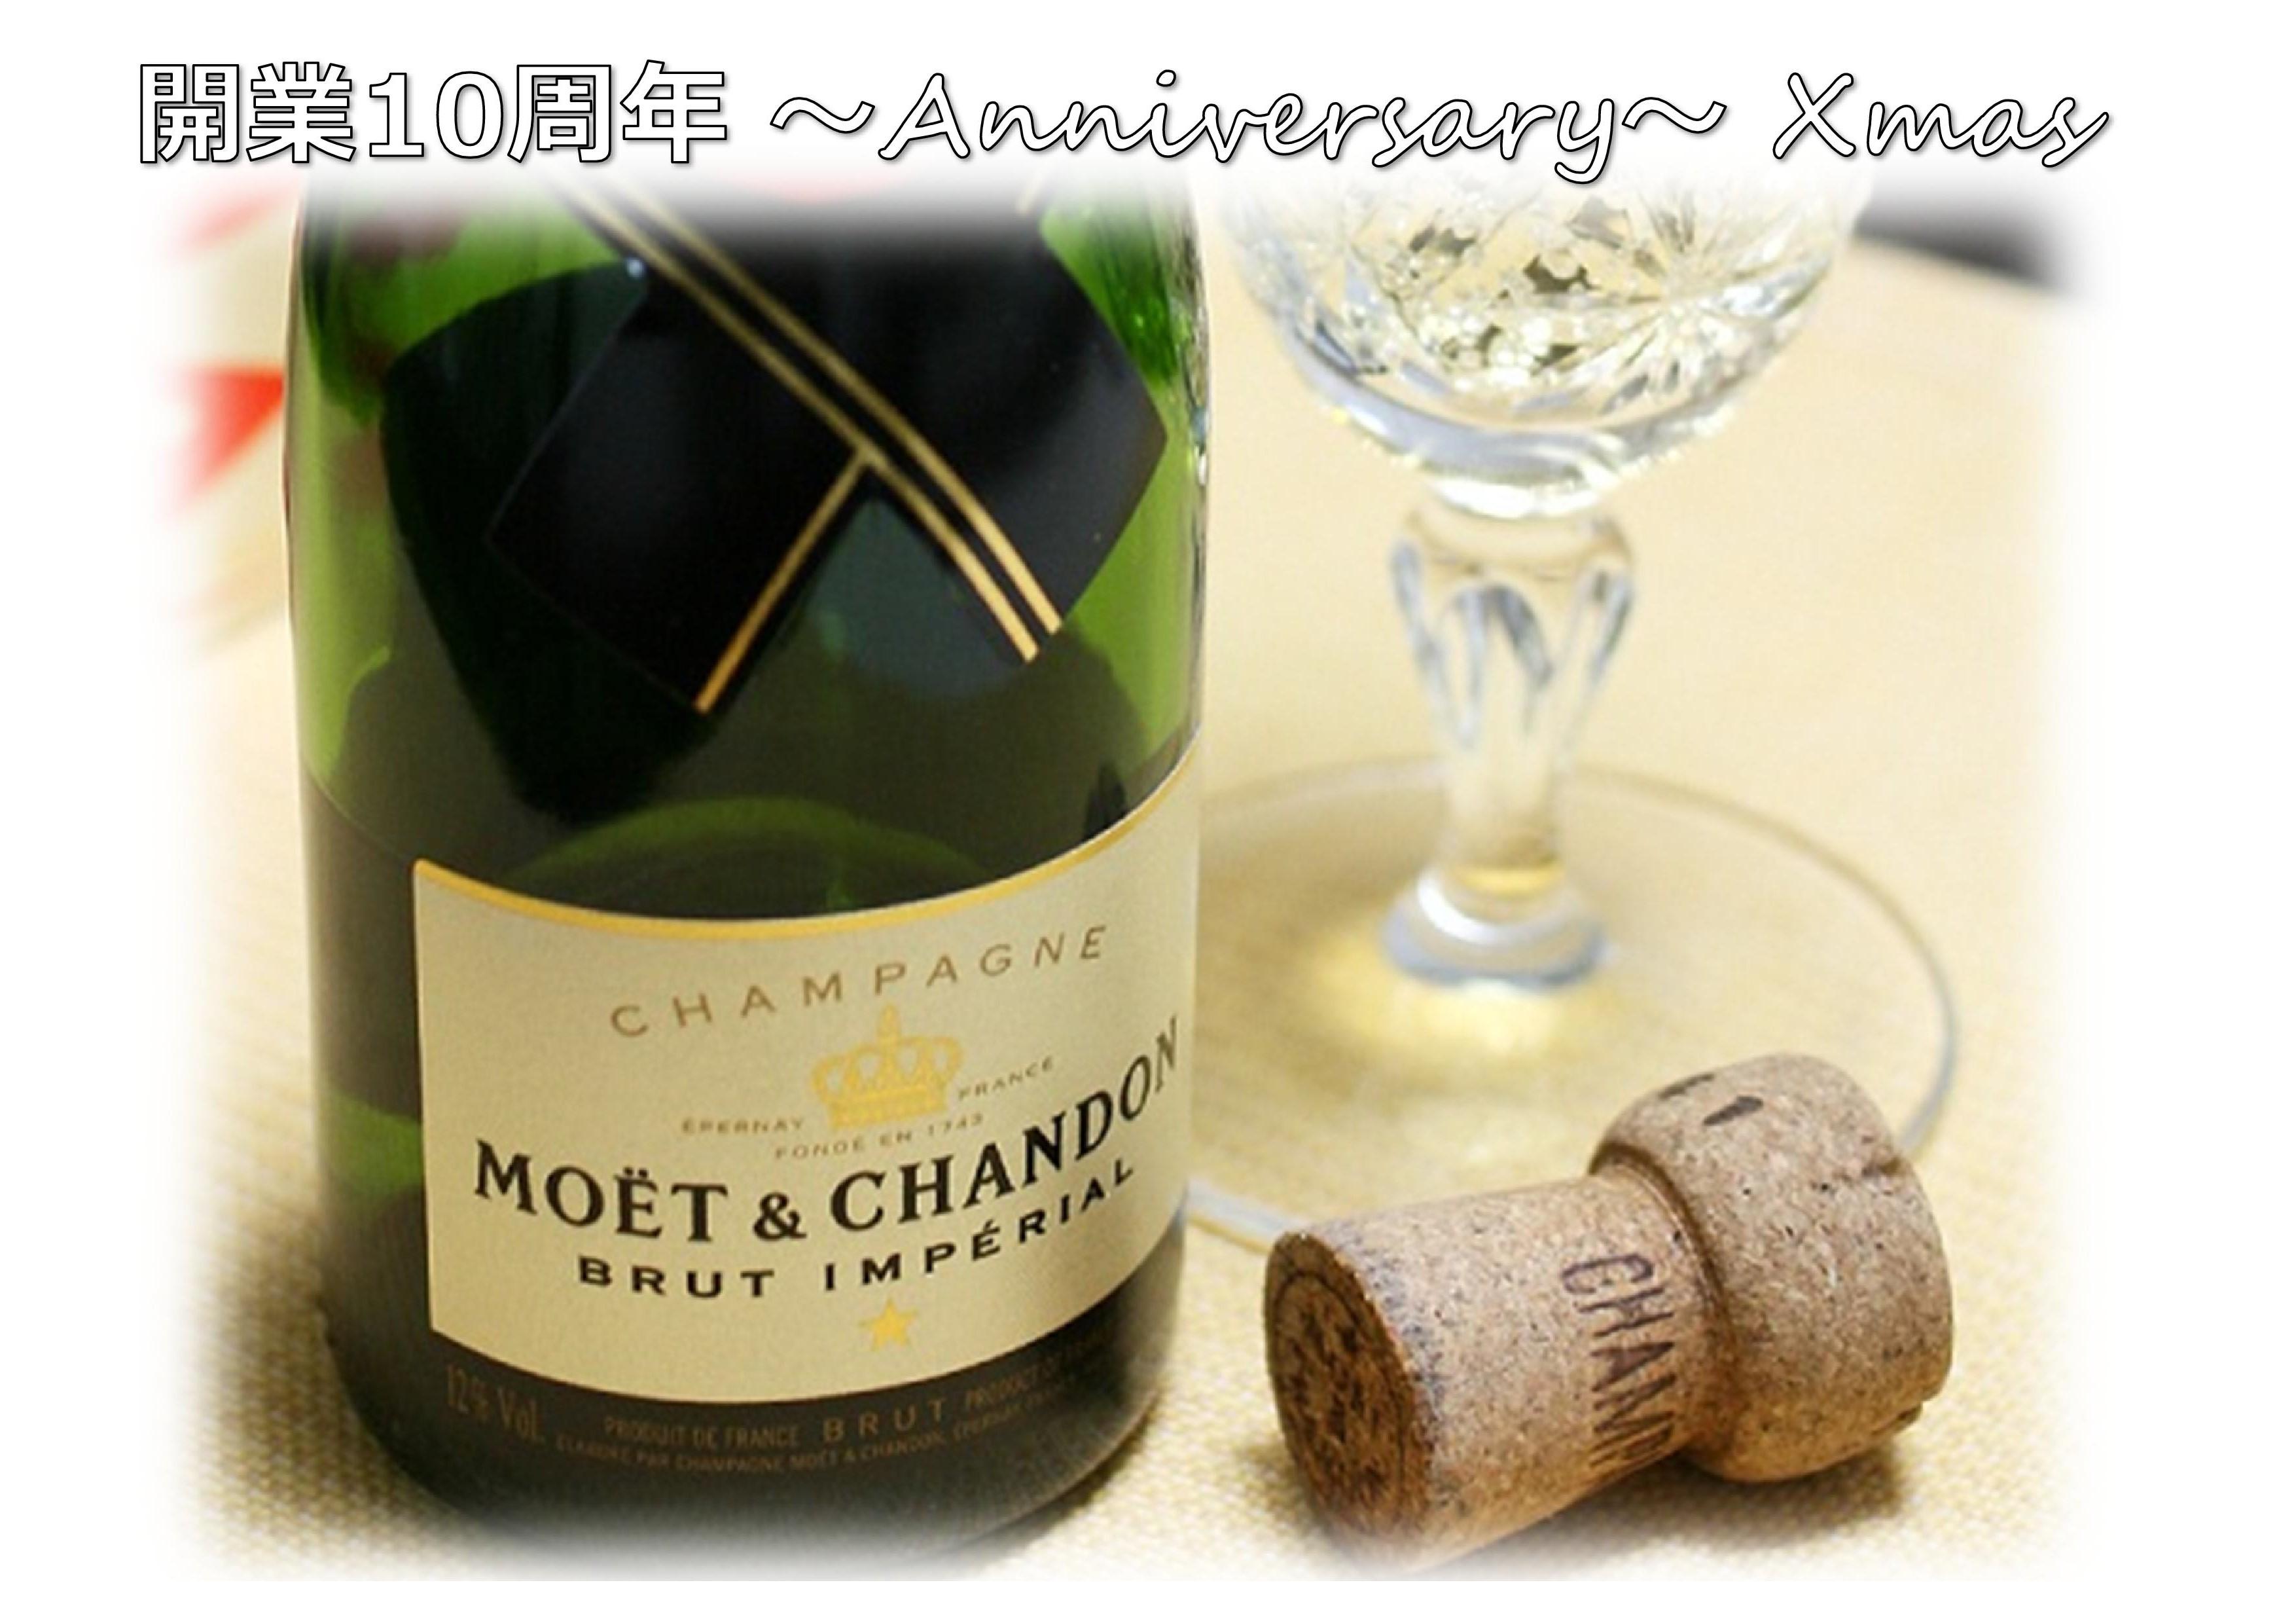 600x450ホテル提供価格6,800円の【モエ・エ・シャンドン シャンパン ブリュット ハーフボトル】が付いたお得なプラン♪